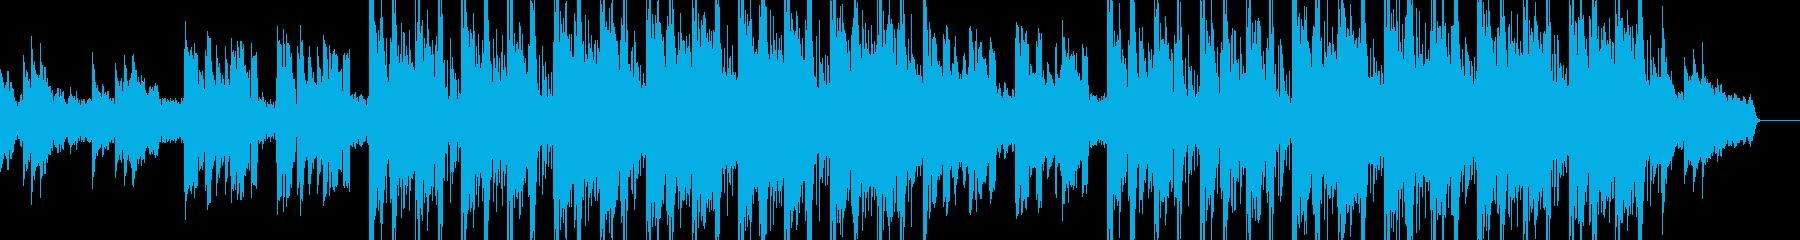 ニュース映像ナレーションバック向け-19の再生済みの波形